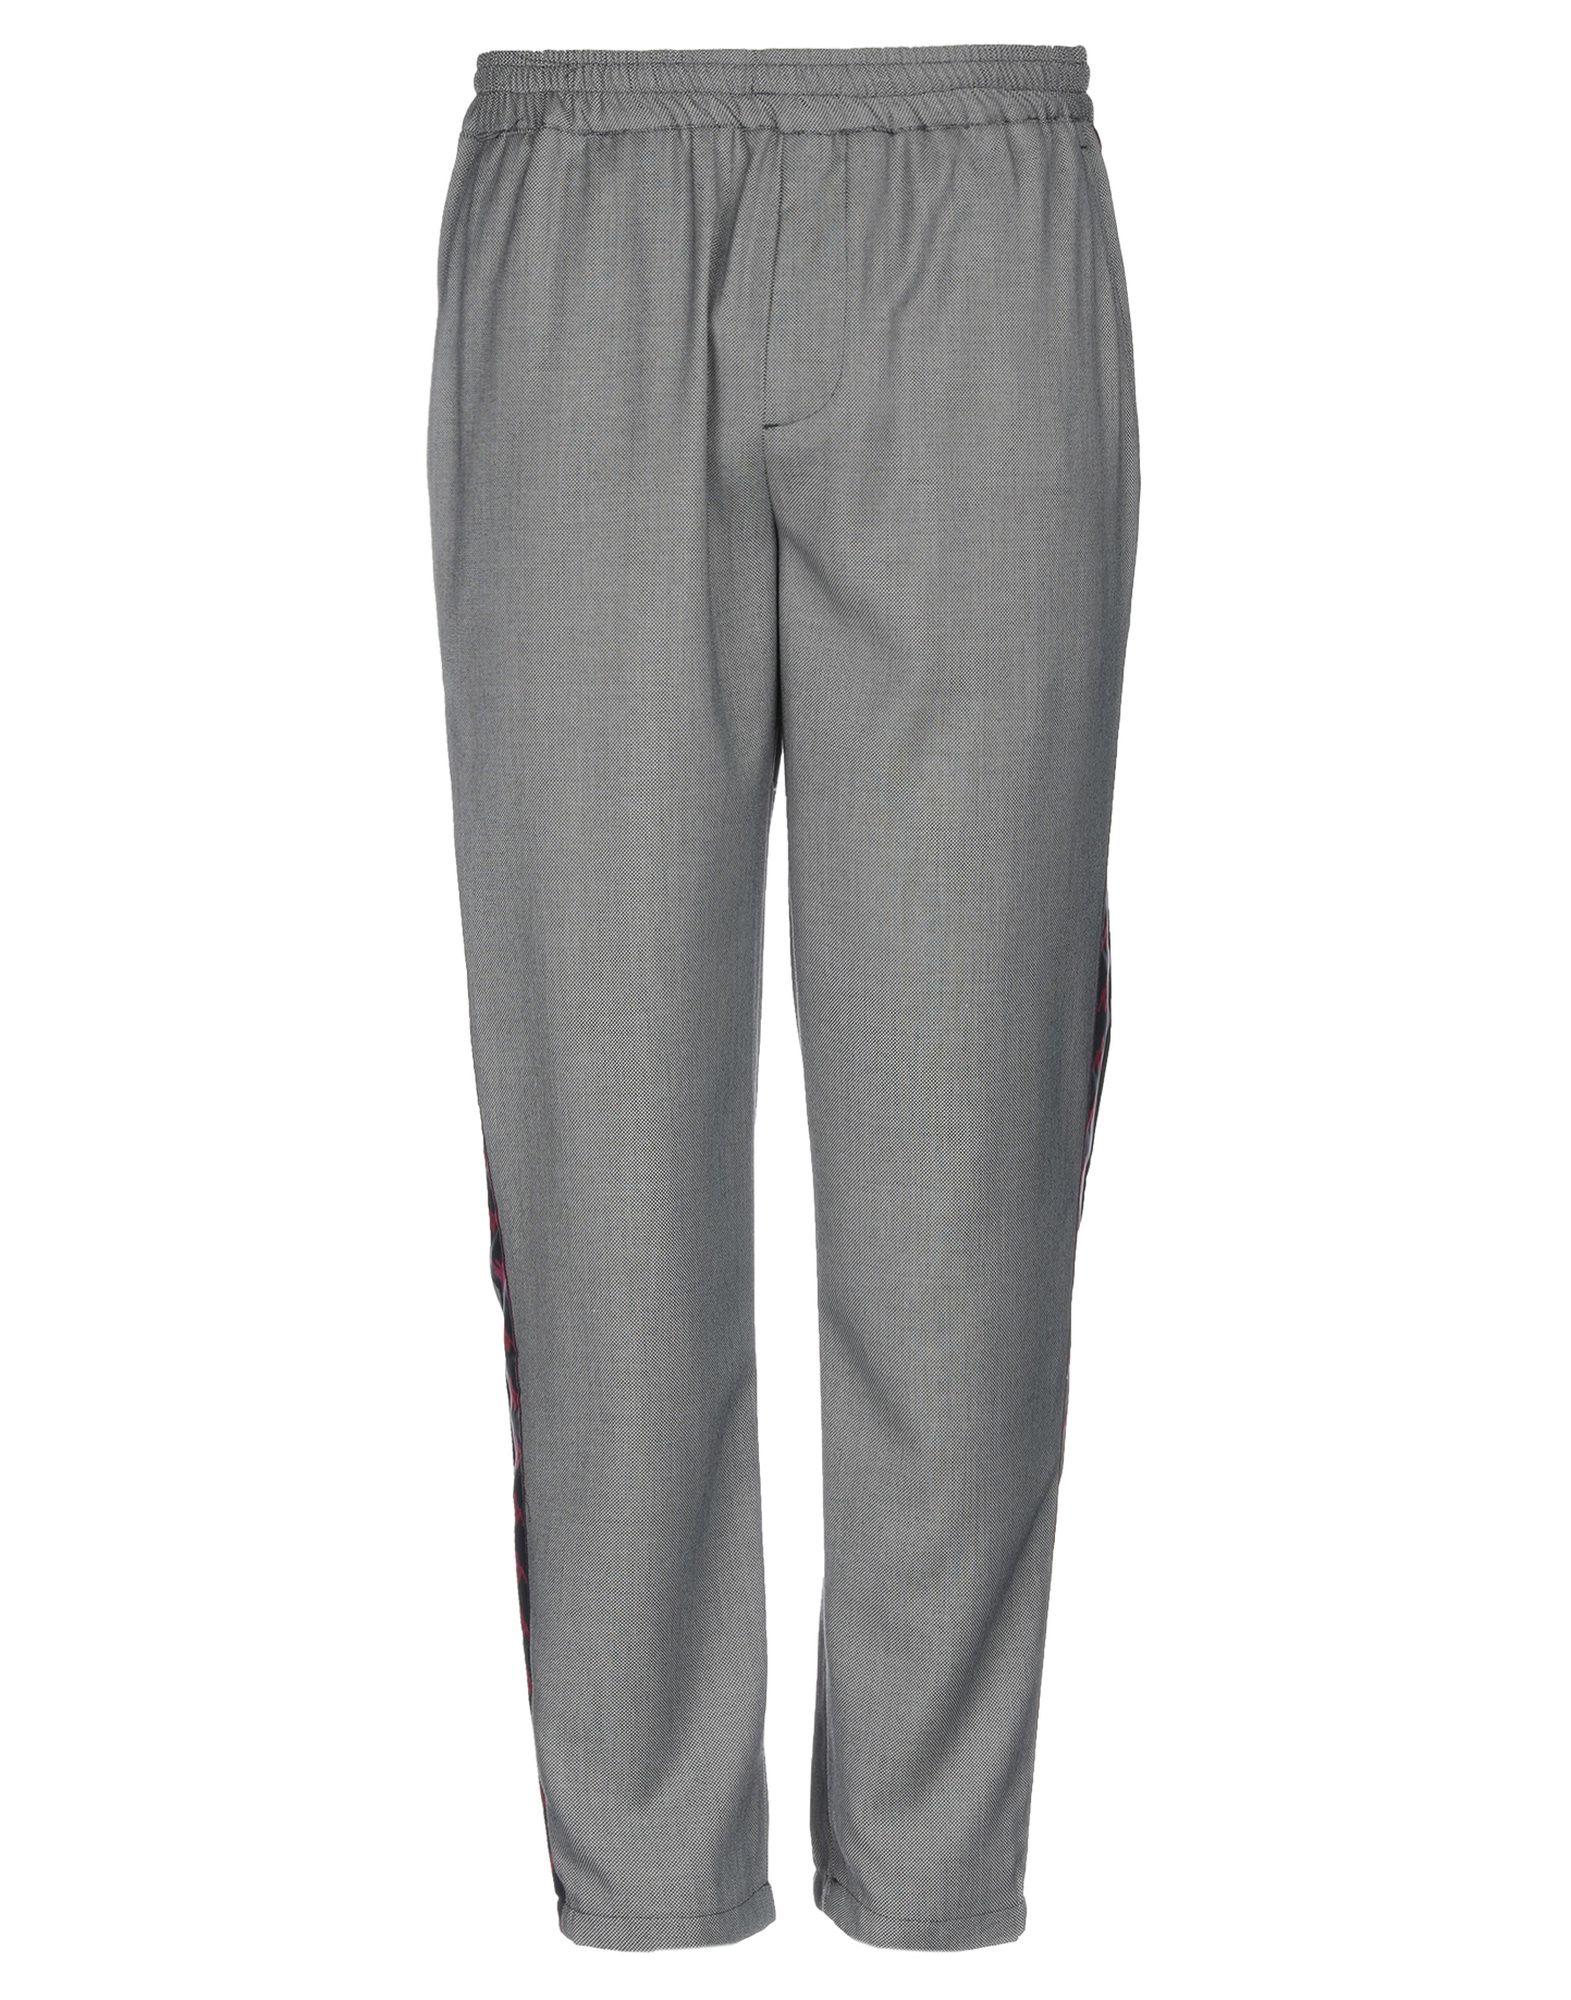 DANILO PAURA x KAPPA Повседневные брюки adidas x yeezy повседневные брюки